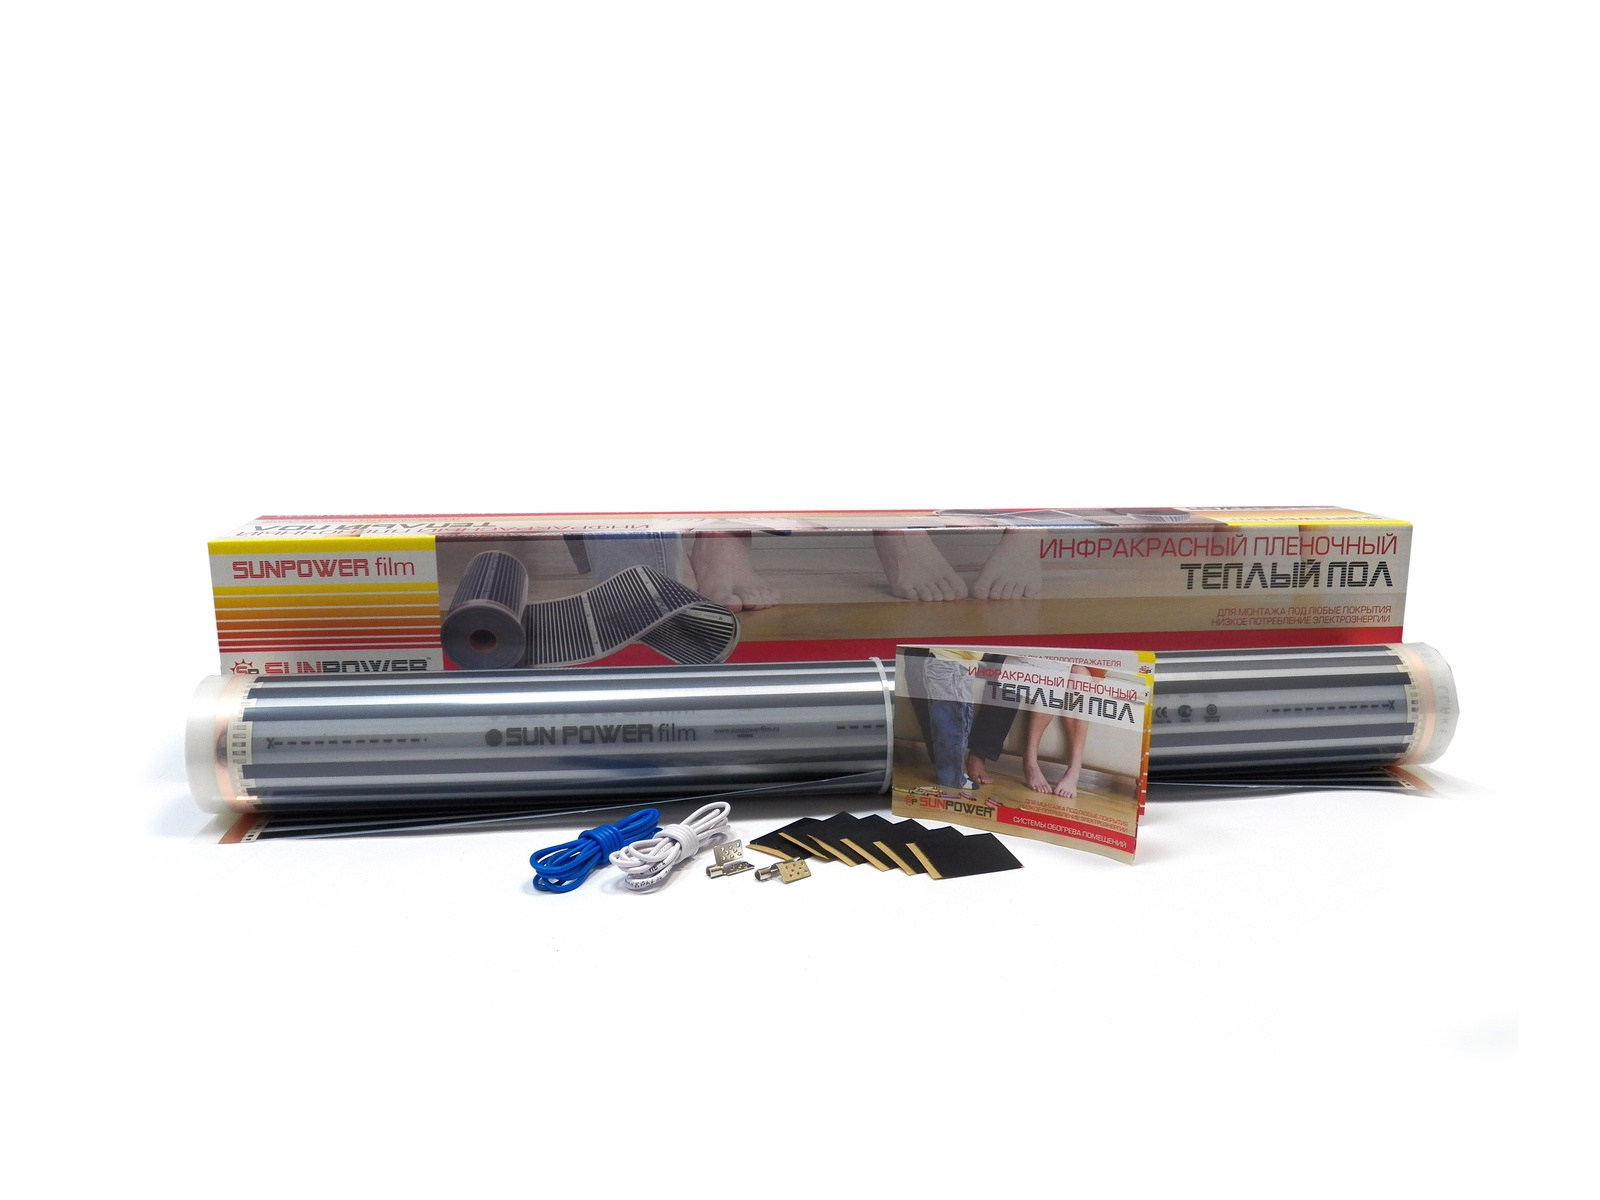 все цены на Комплект теплого пола SunPower SPF 80/220/5, инфракрасный, пленочный, 220Вт, 80 см, 5 м онлайн